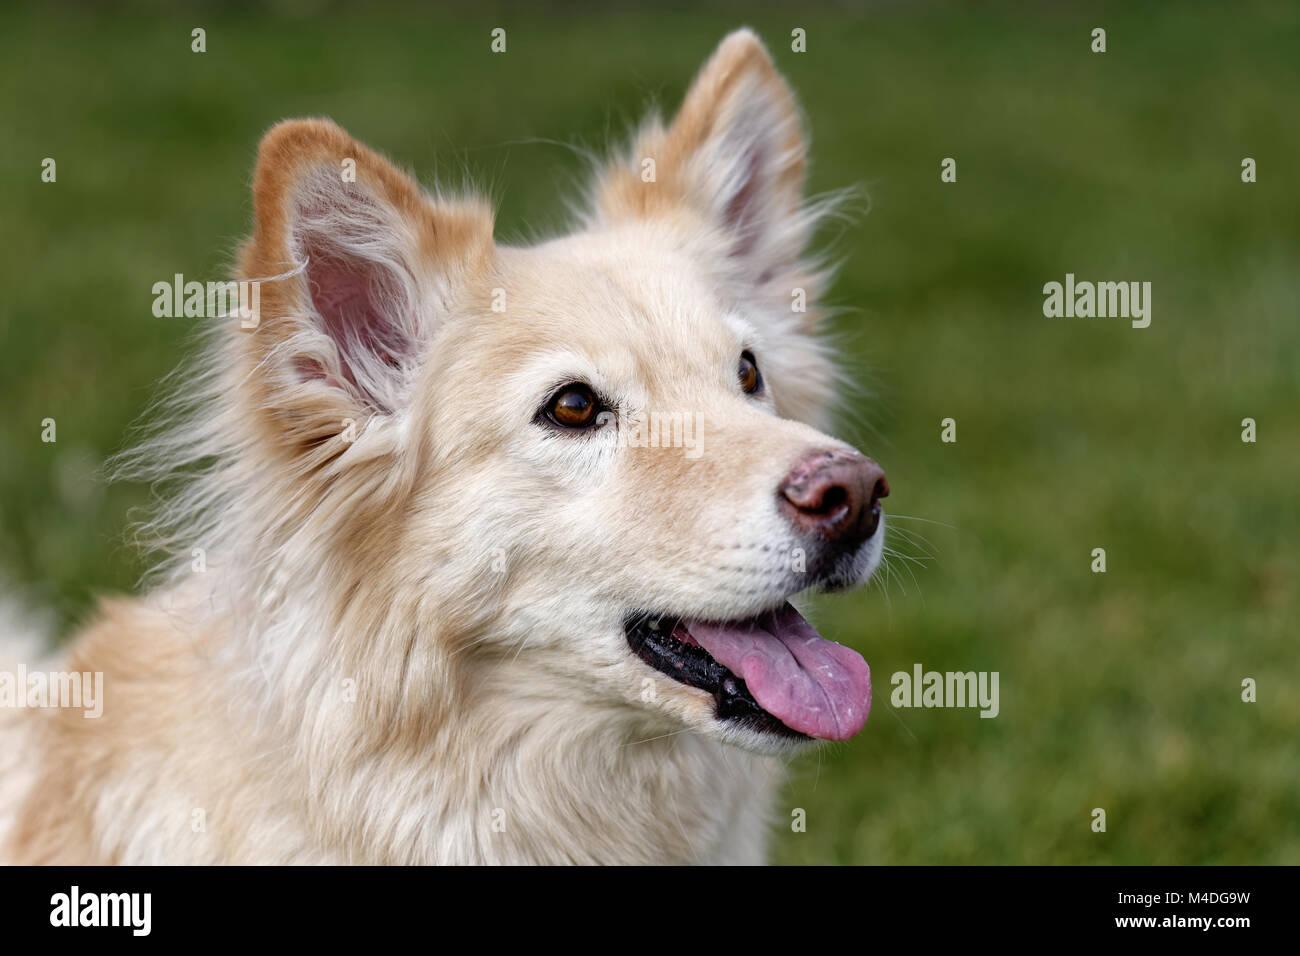 Saved spanish dog - Stock Image